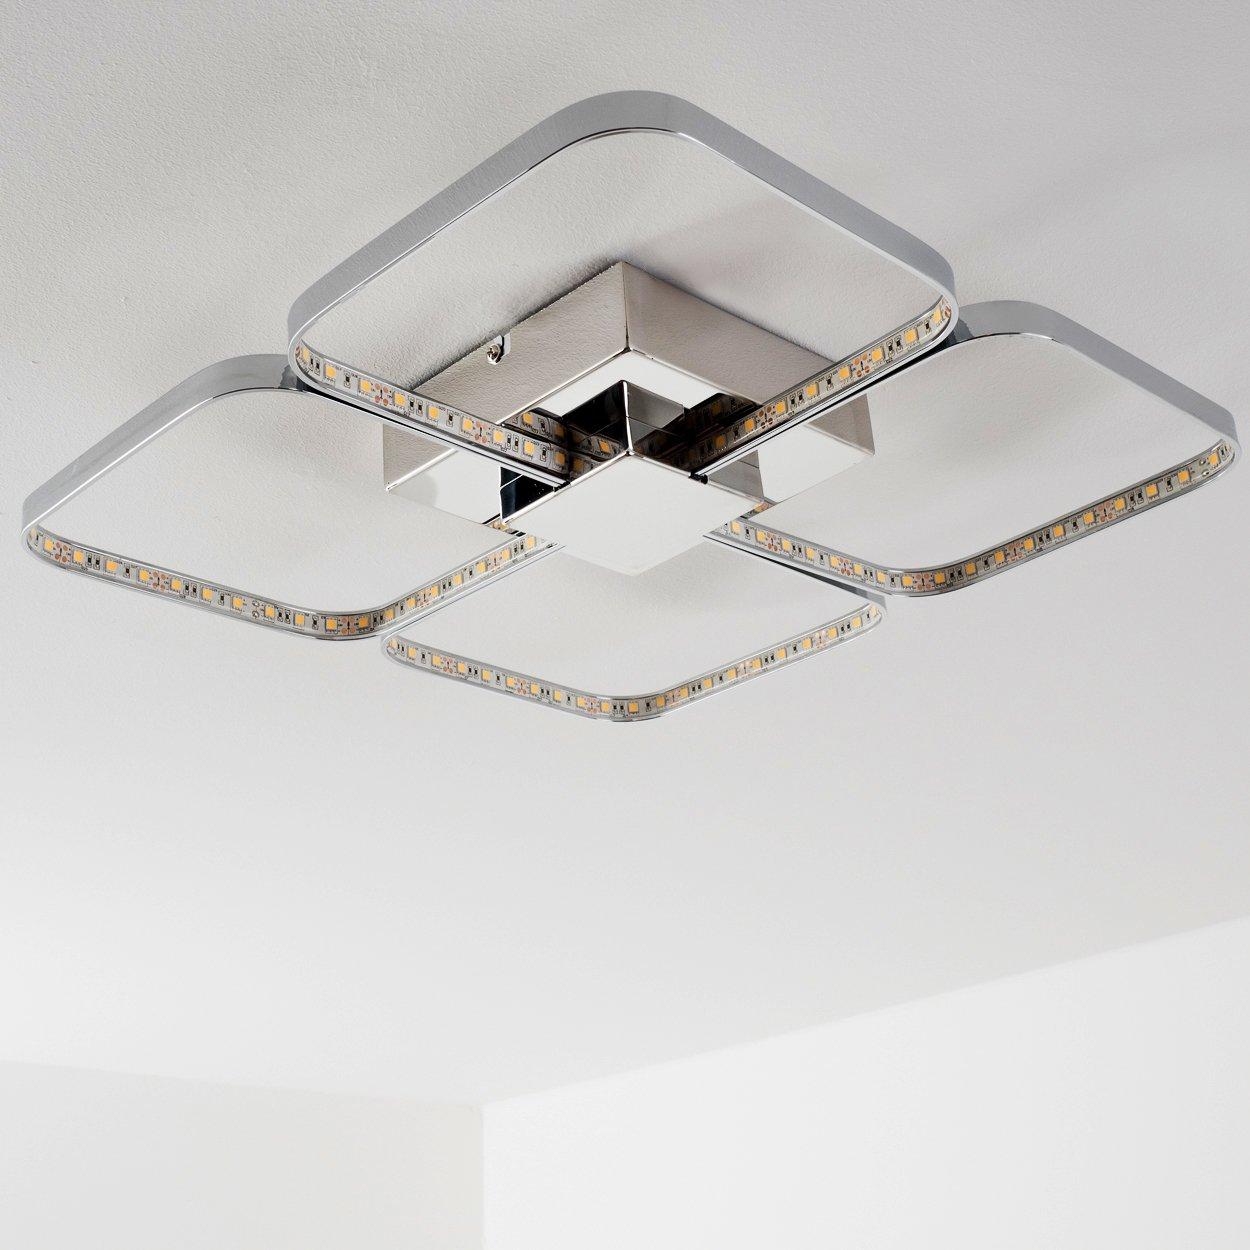 LED Deckenlampe Sepino – extravagantes Design aus 4 drehbaren Licht ...